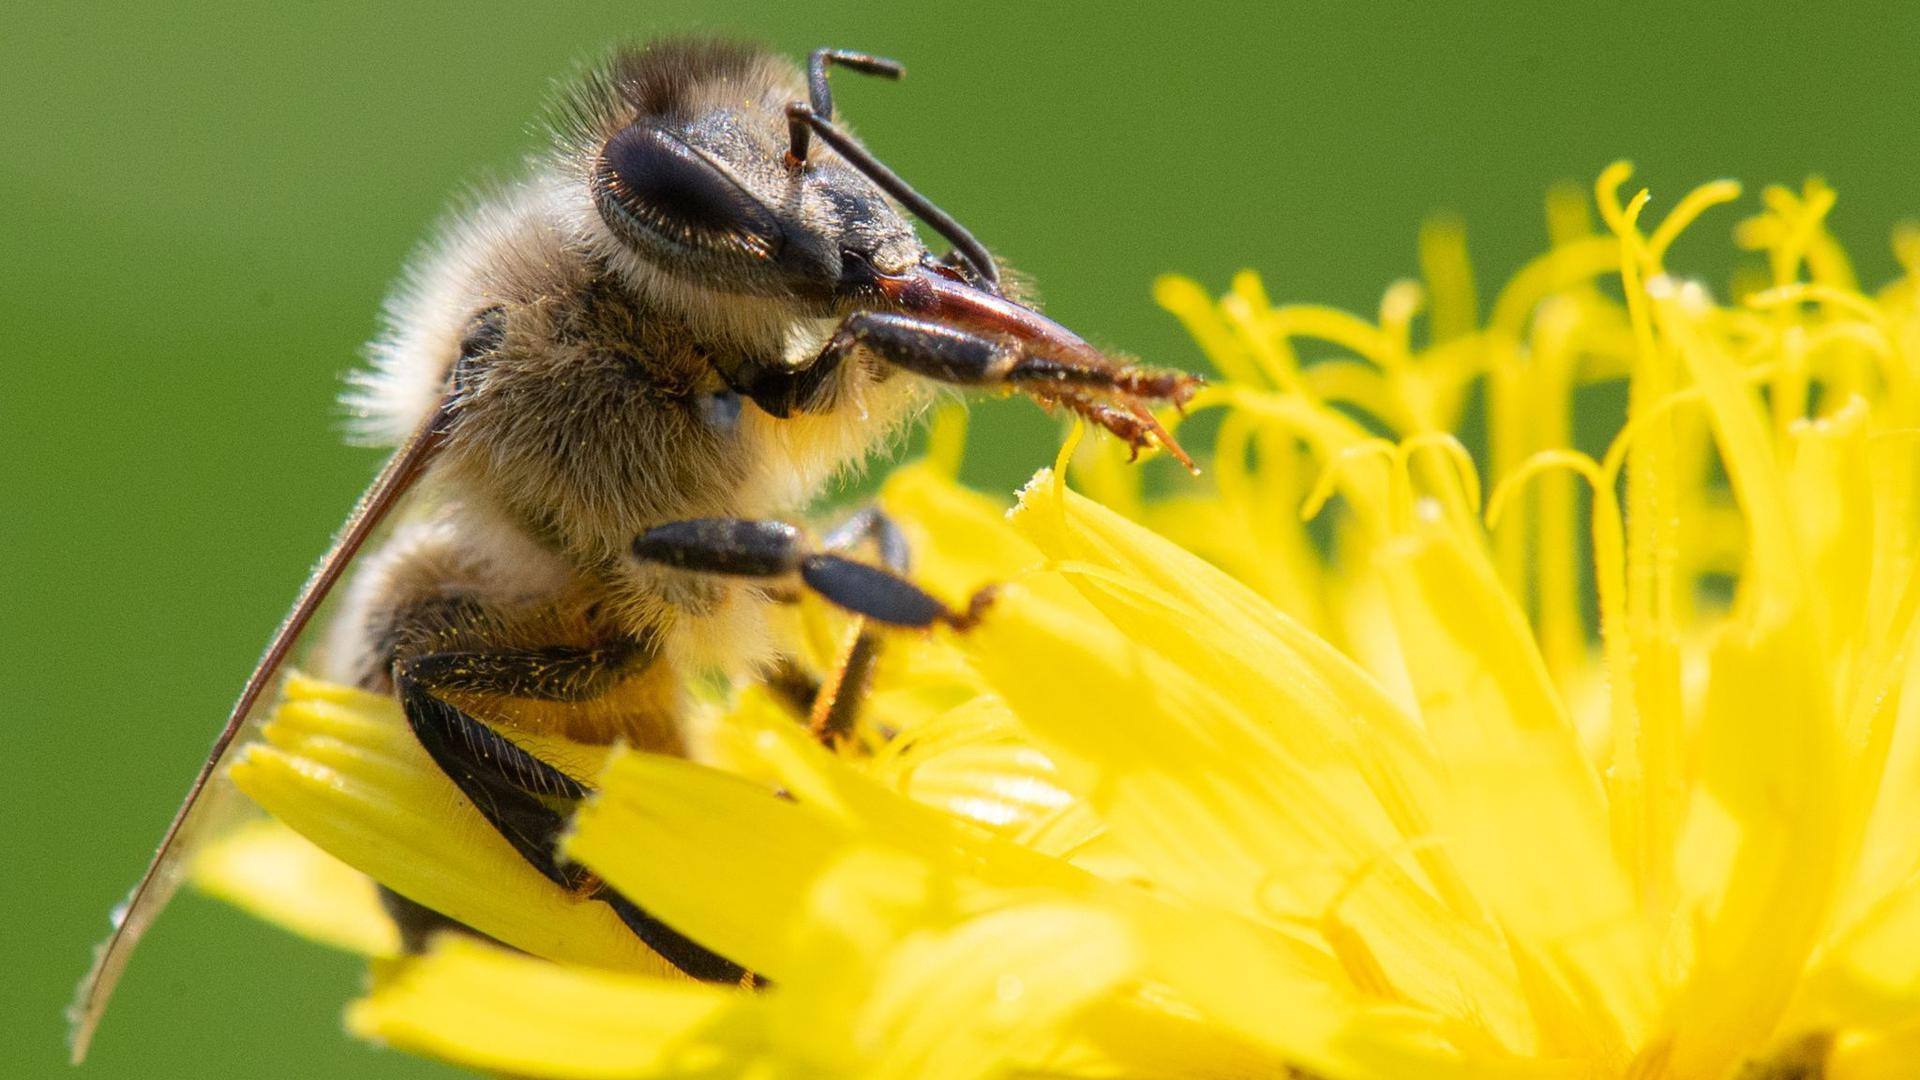 Der Einsatz von Pestiziden in der Landwirtschaft wird zum Schutz bedrohter Insekten weiter eingeschränkt.